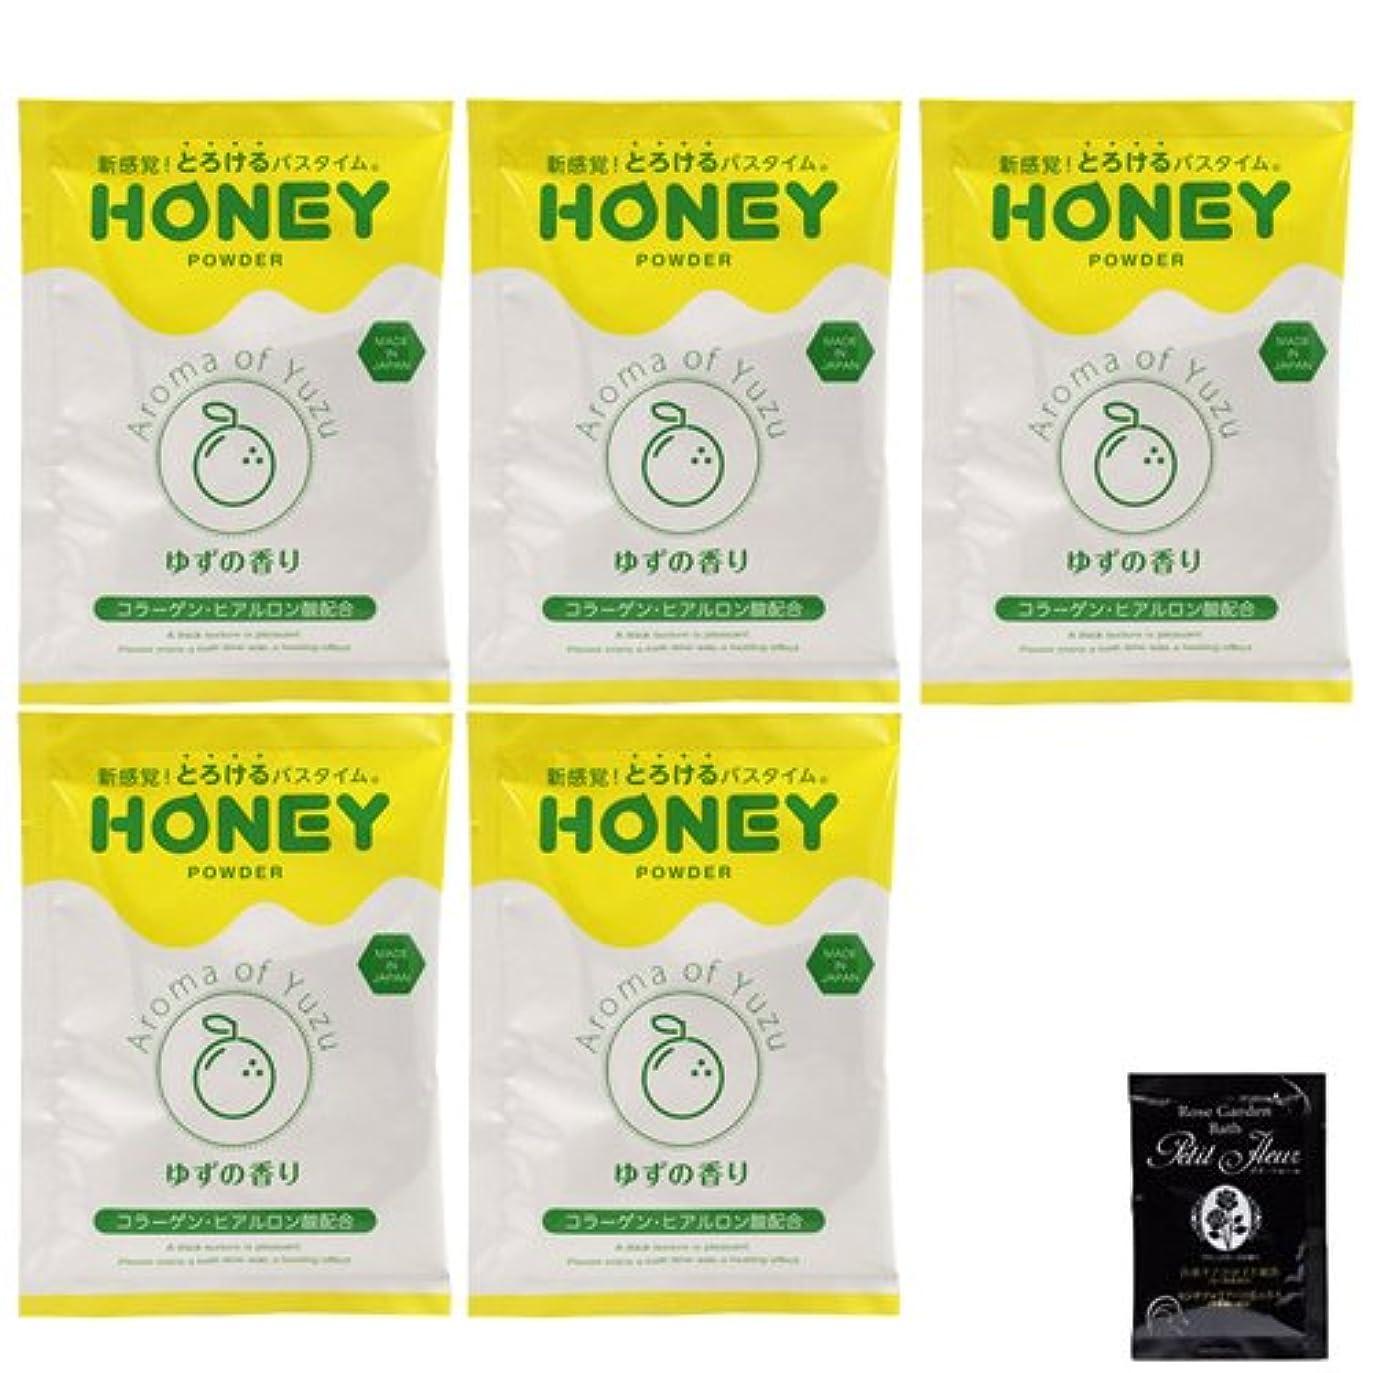 礼拝レパートリーシンプルな【honey powder】(ハニーパウダー) ゆずの香り 粉末タイプ×5個 + 入浴剤プチフルール1回分セット